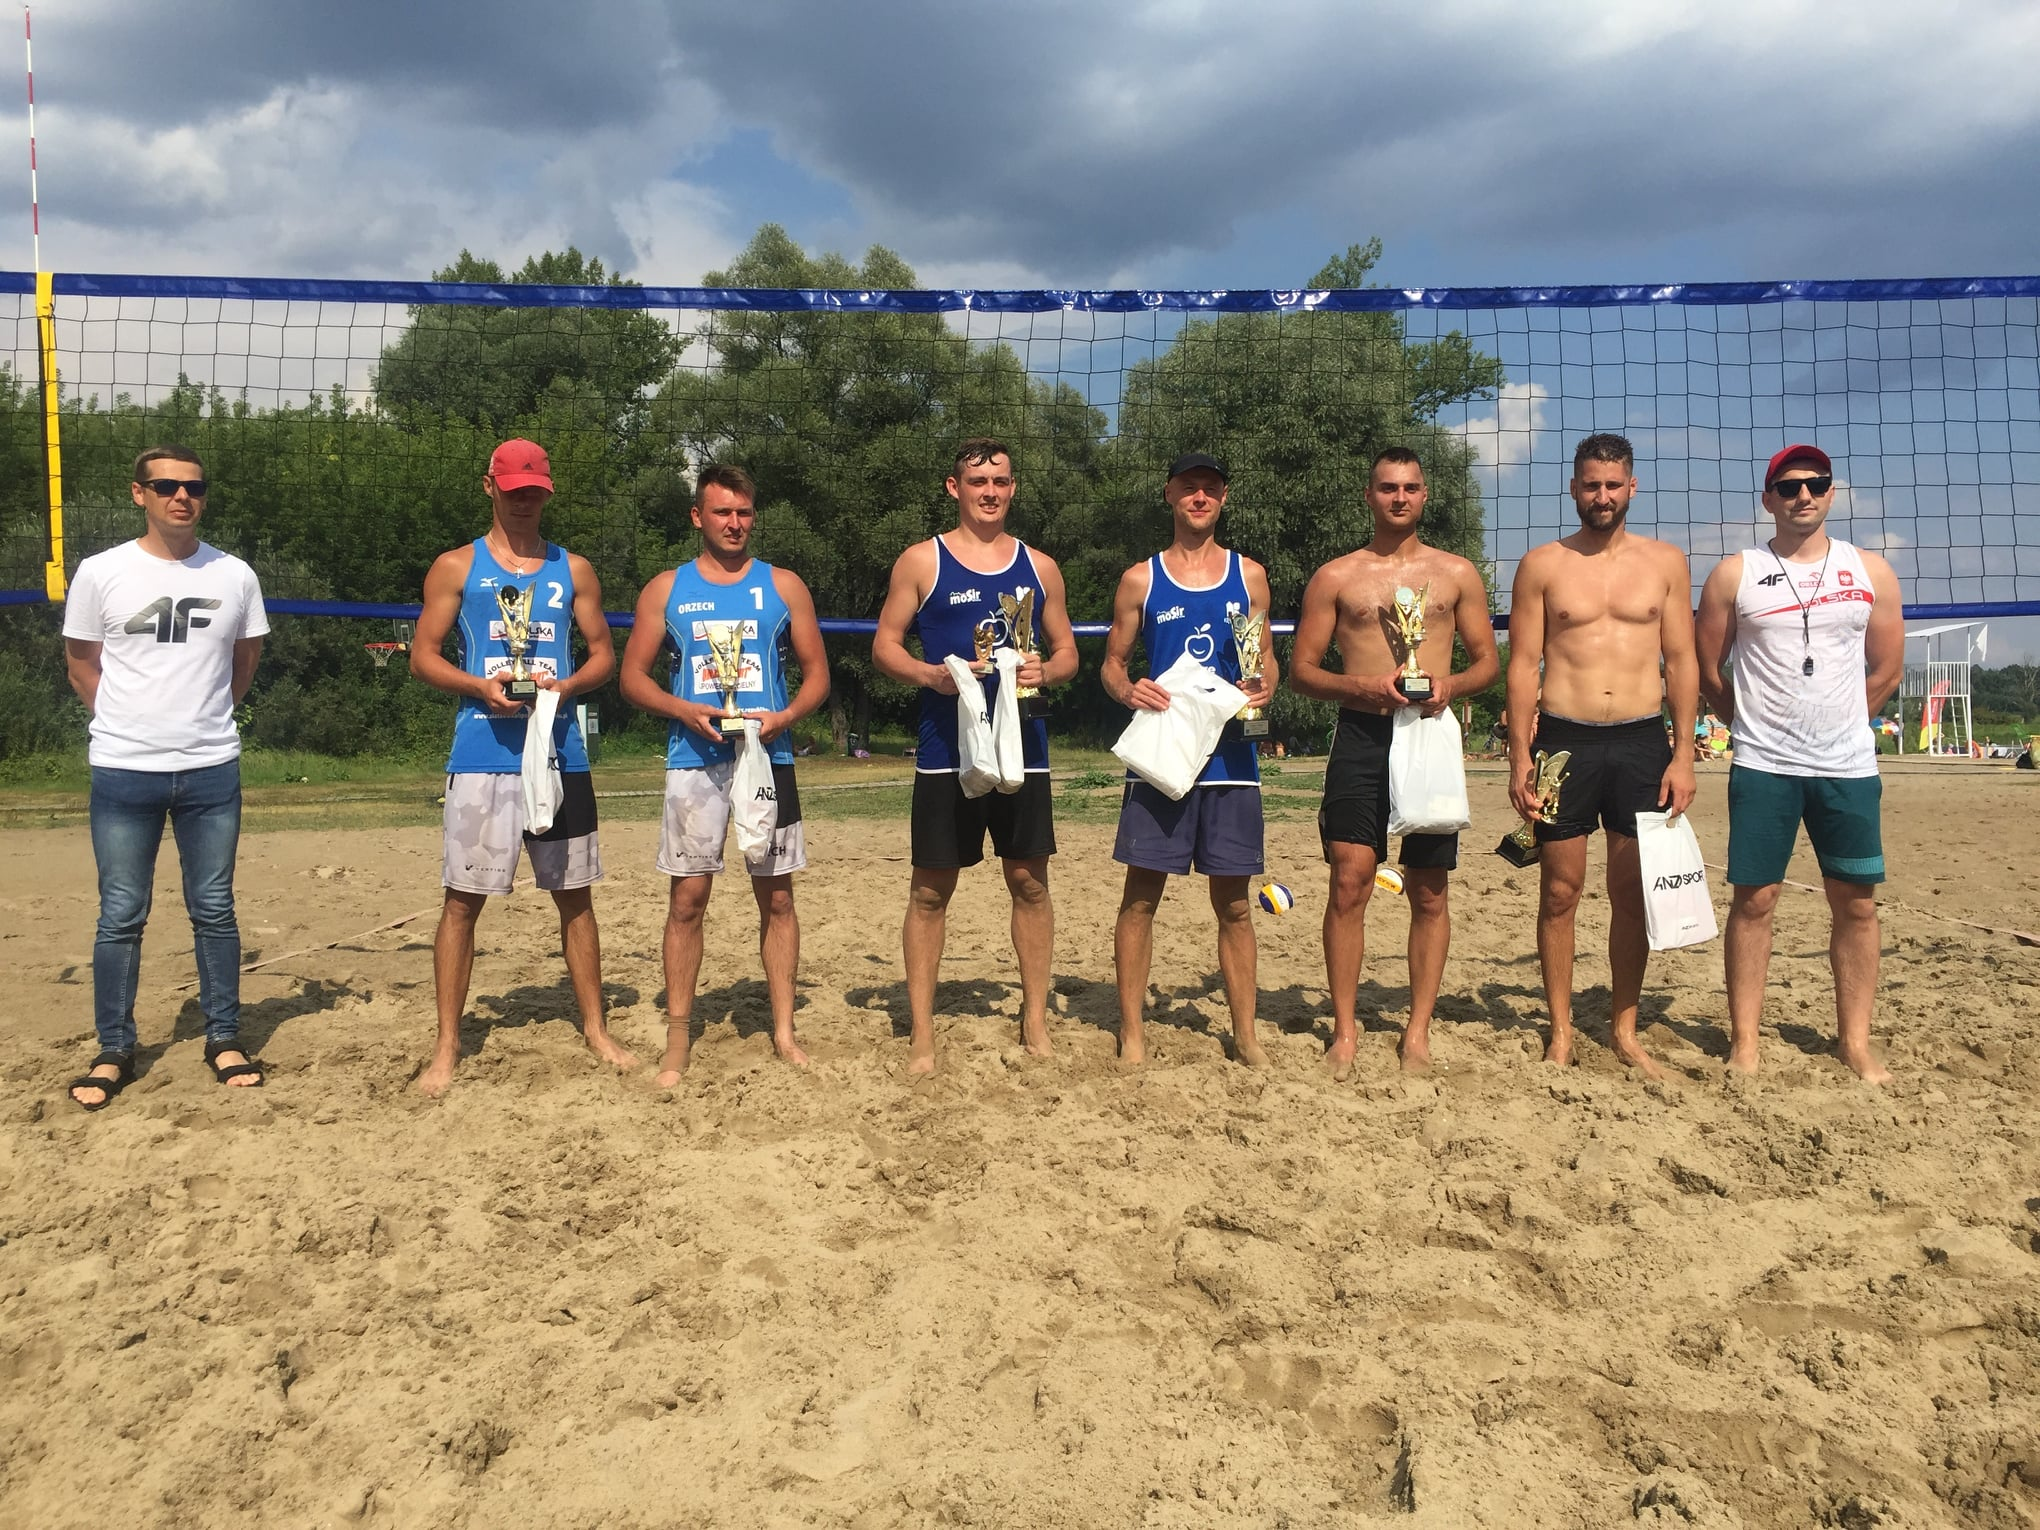 VIII Turniej  Siatkówki Plażowej o Puchar Burmistrza Miasta Pułtusk